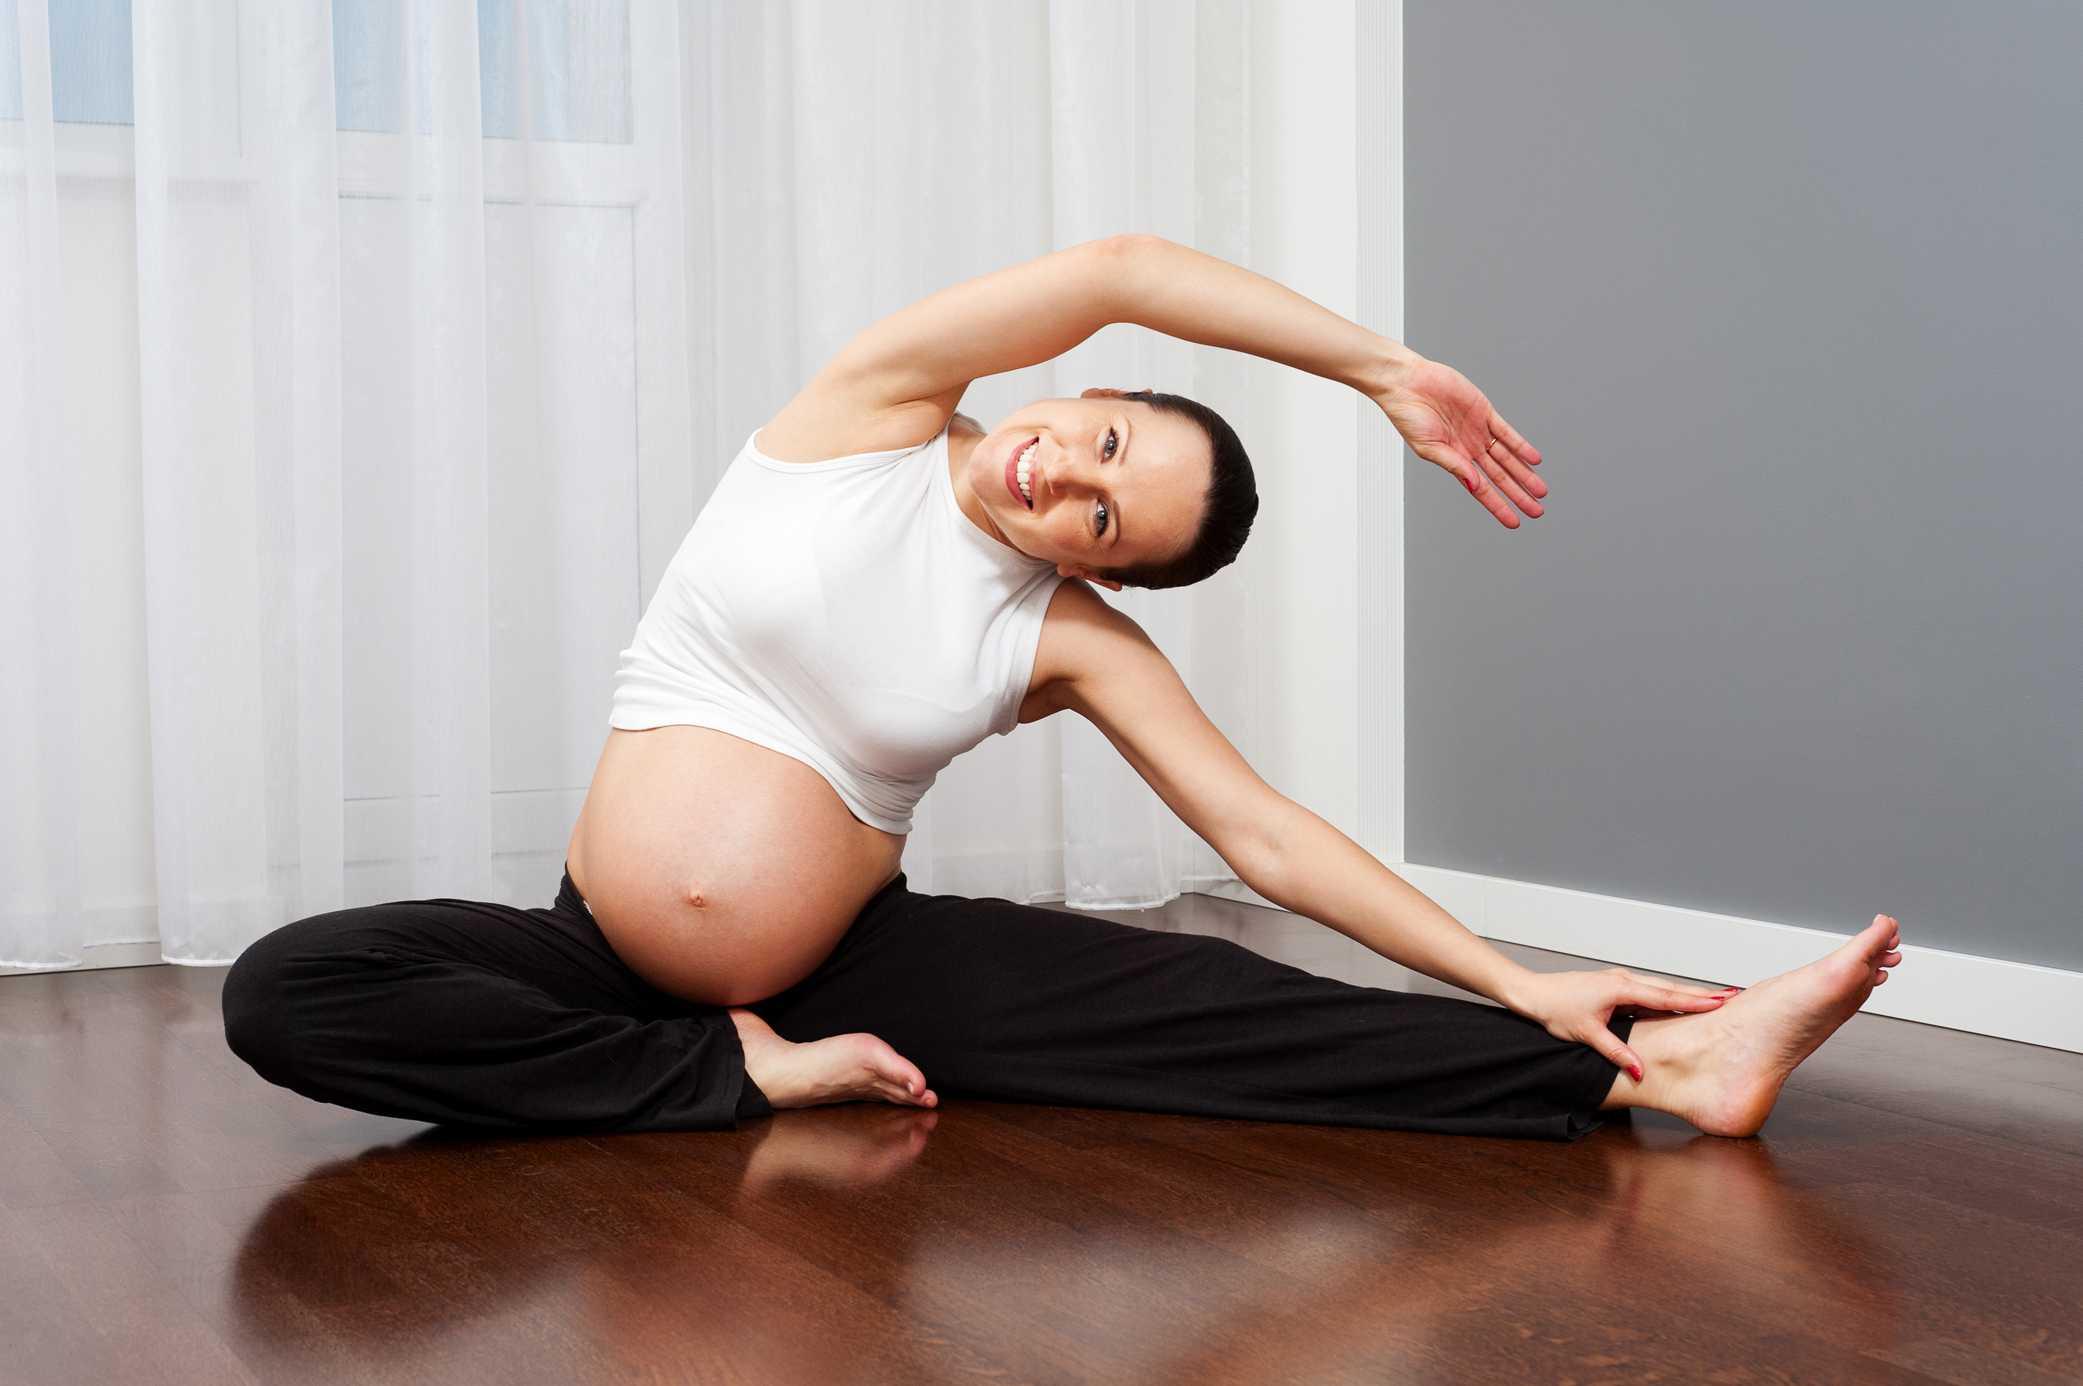 Влияние физических нагрузок на течение беременности и роды. автор: анна нестерова — #sekta: информационный портал